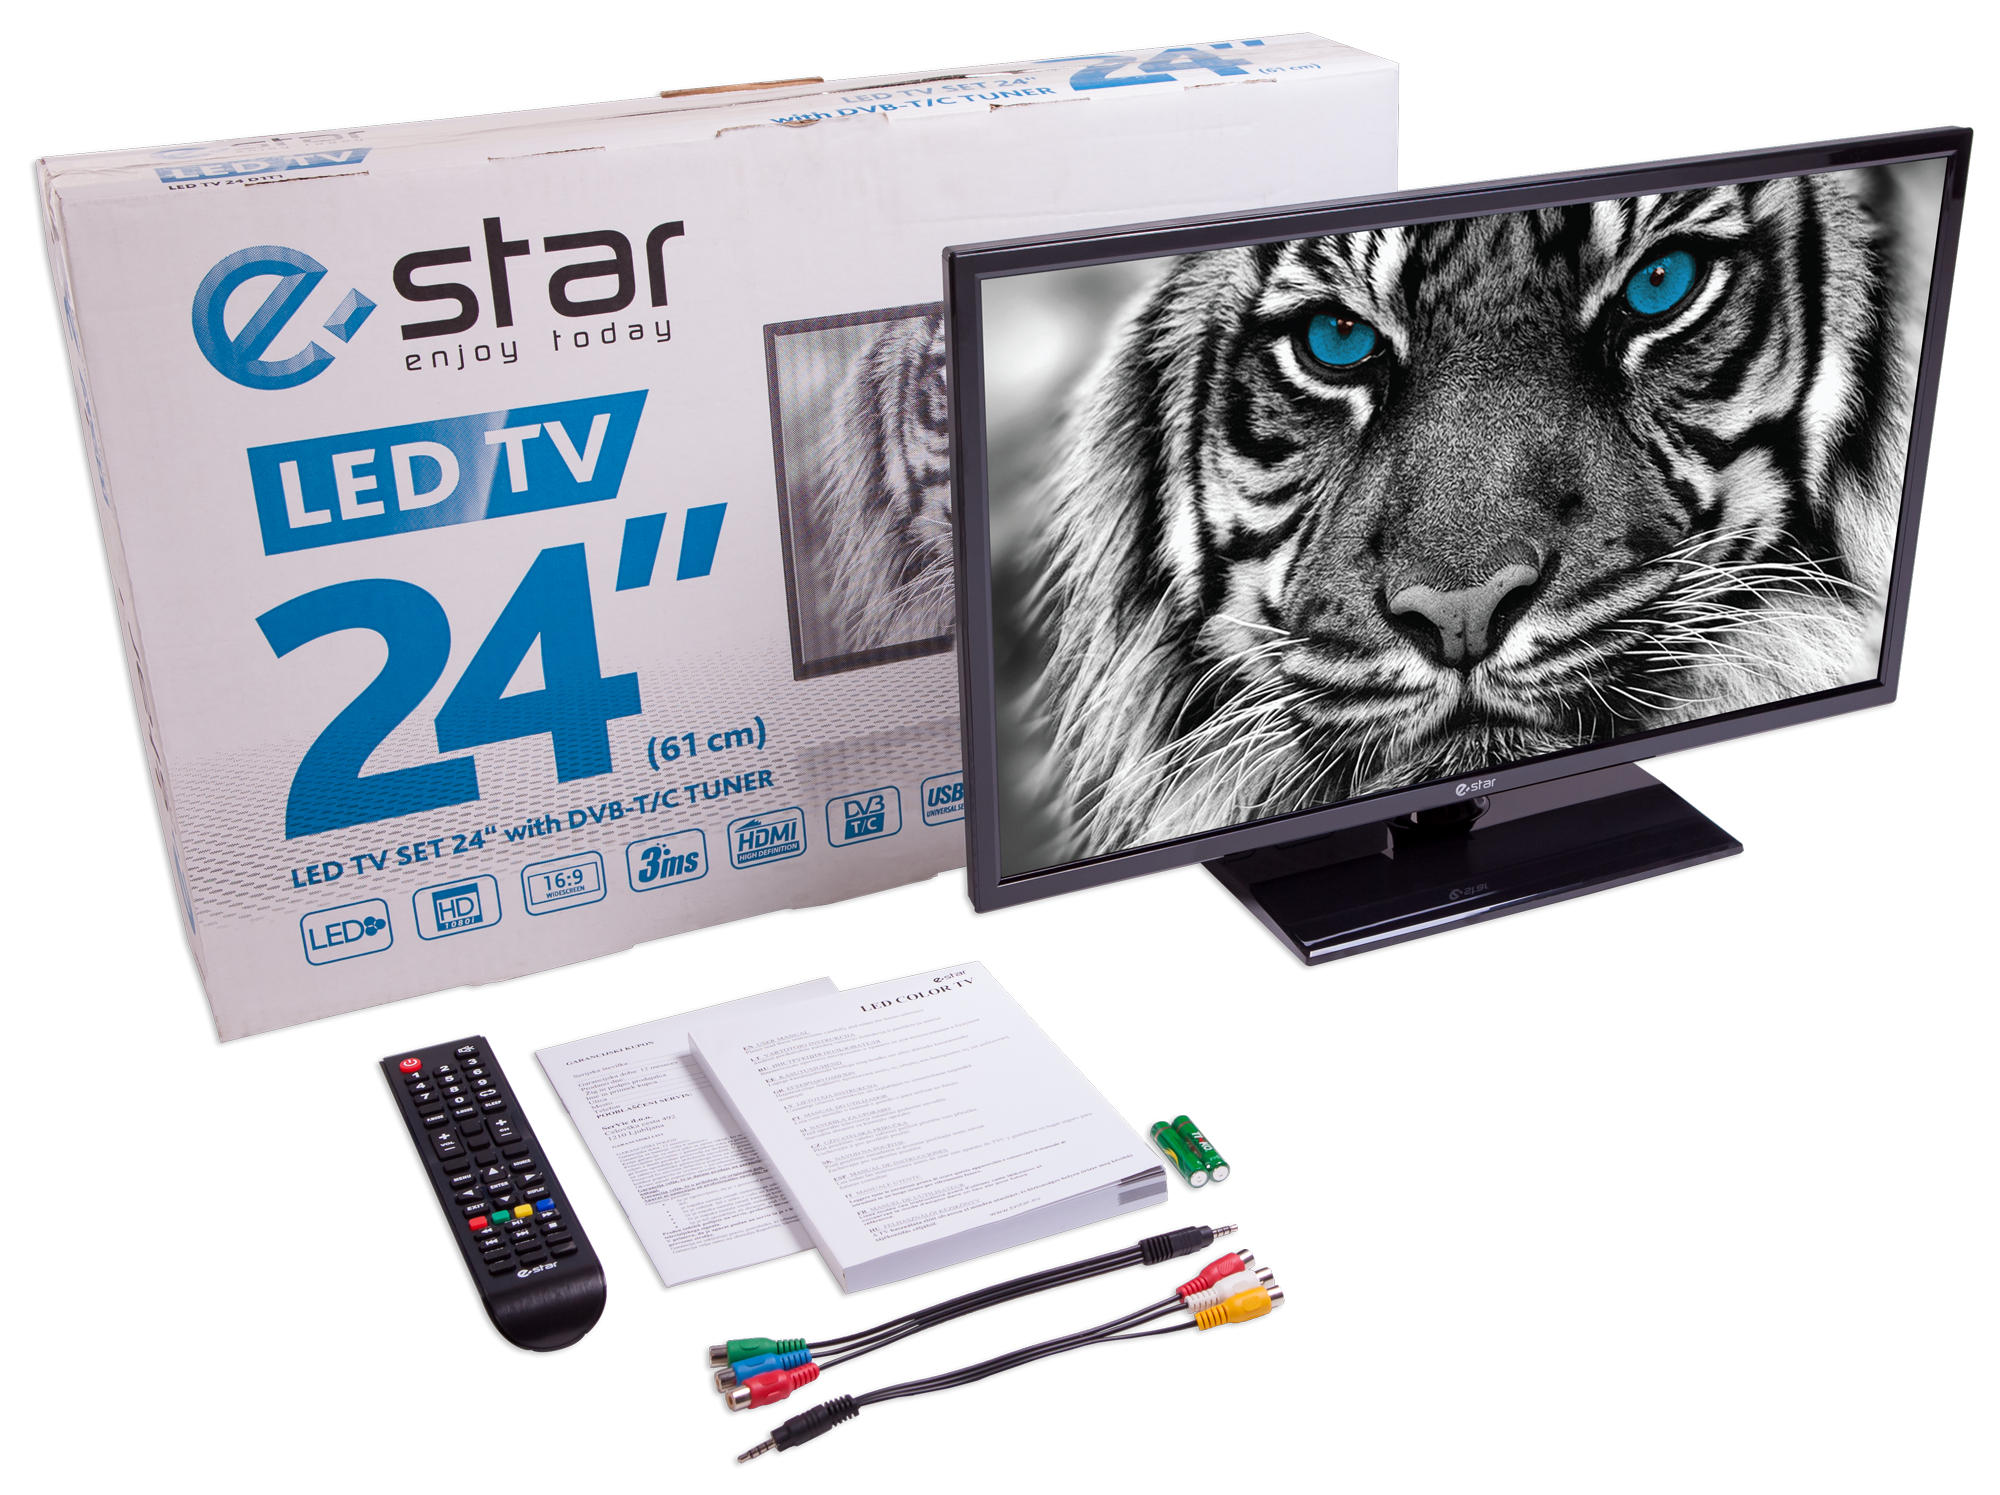 Televizorius eSTAR LEDTV24D1T1 4